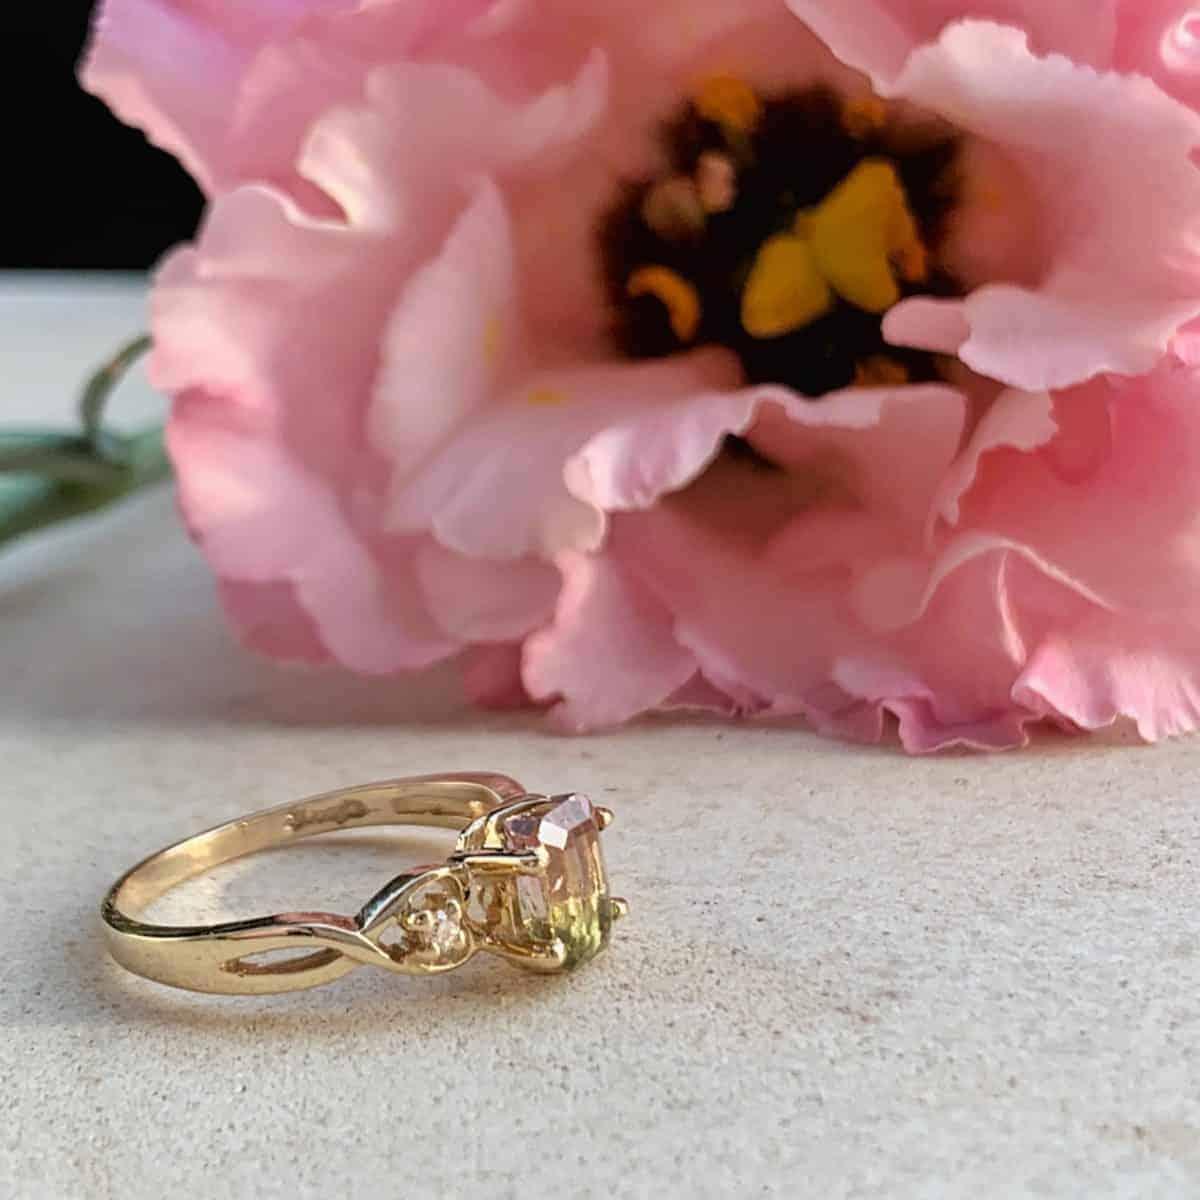 Златен пръстен с диаманти и динев турмалин от Ефир